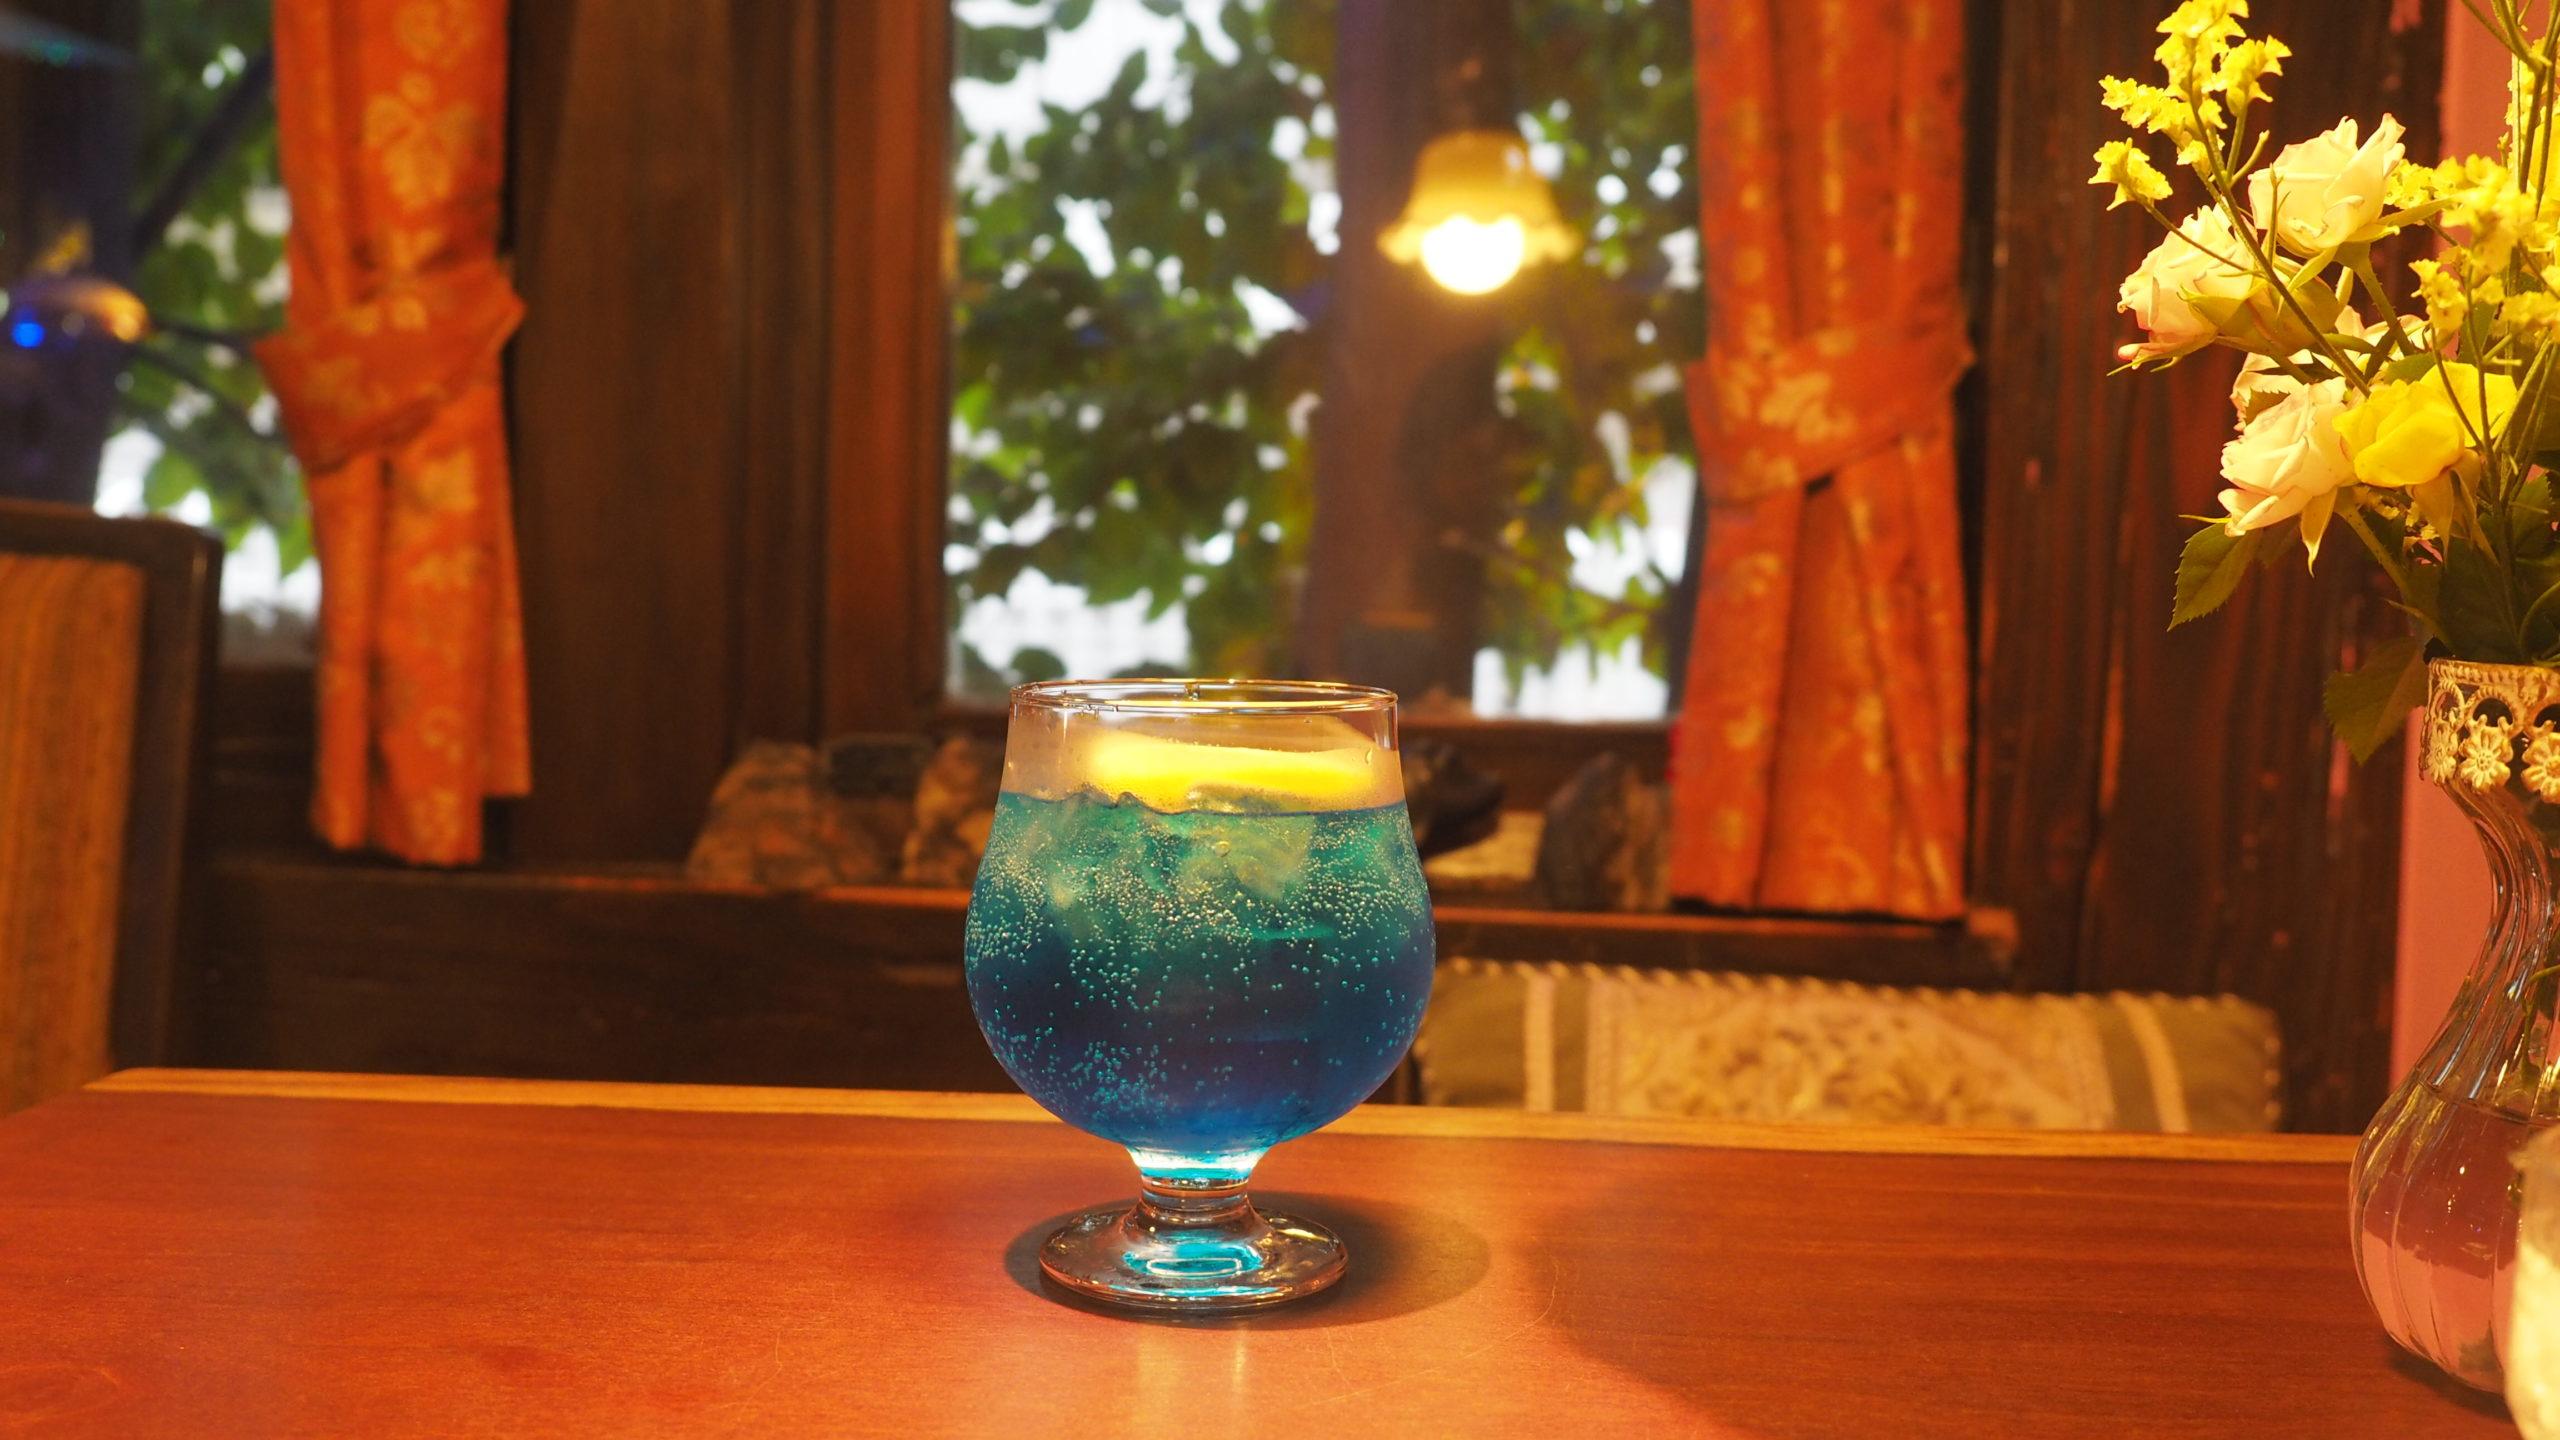 阿佐ヶ谷 喫茶店 gion ギオン クリームソーダ 純喫茶 ナポリタン ブランコ カフェ コーヒー